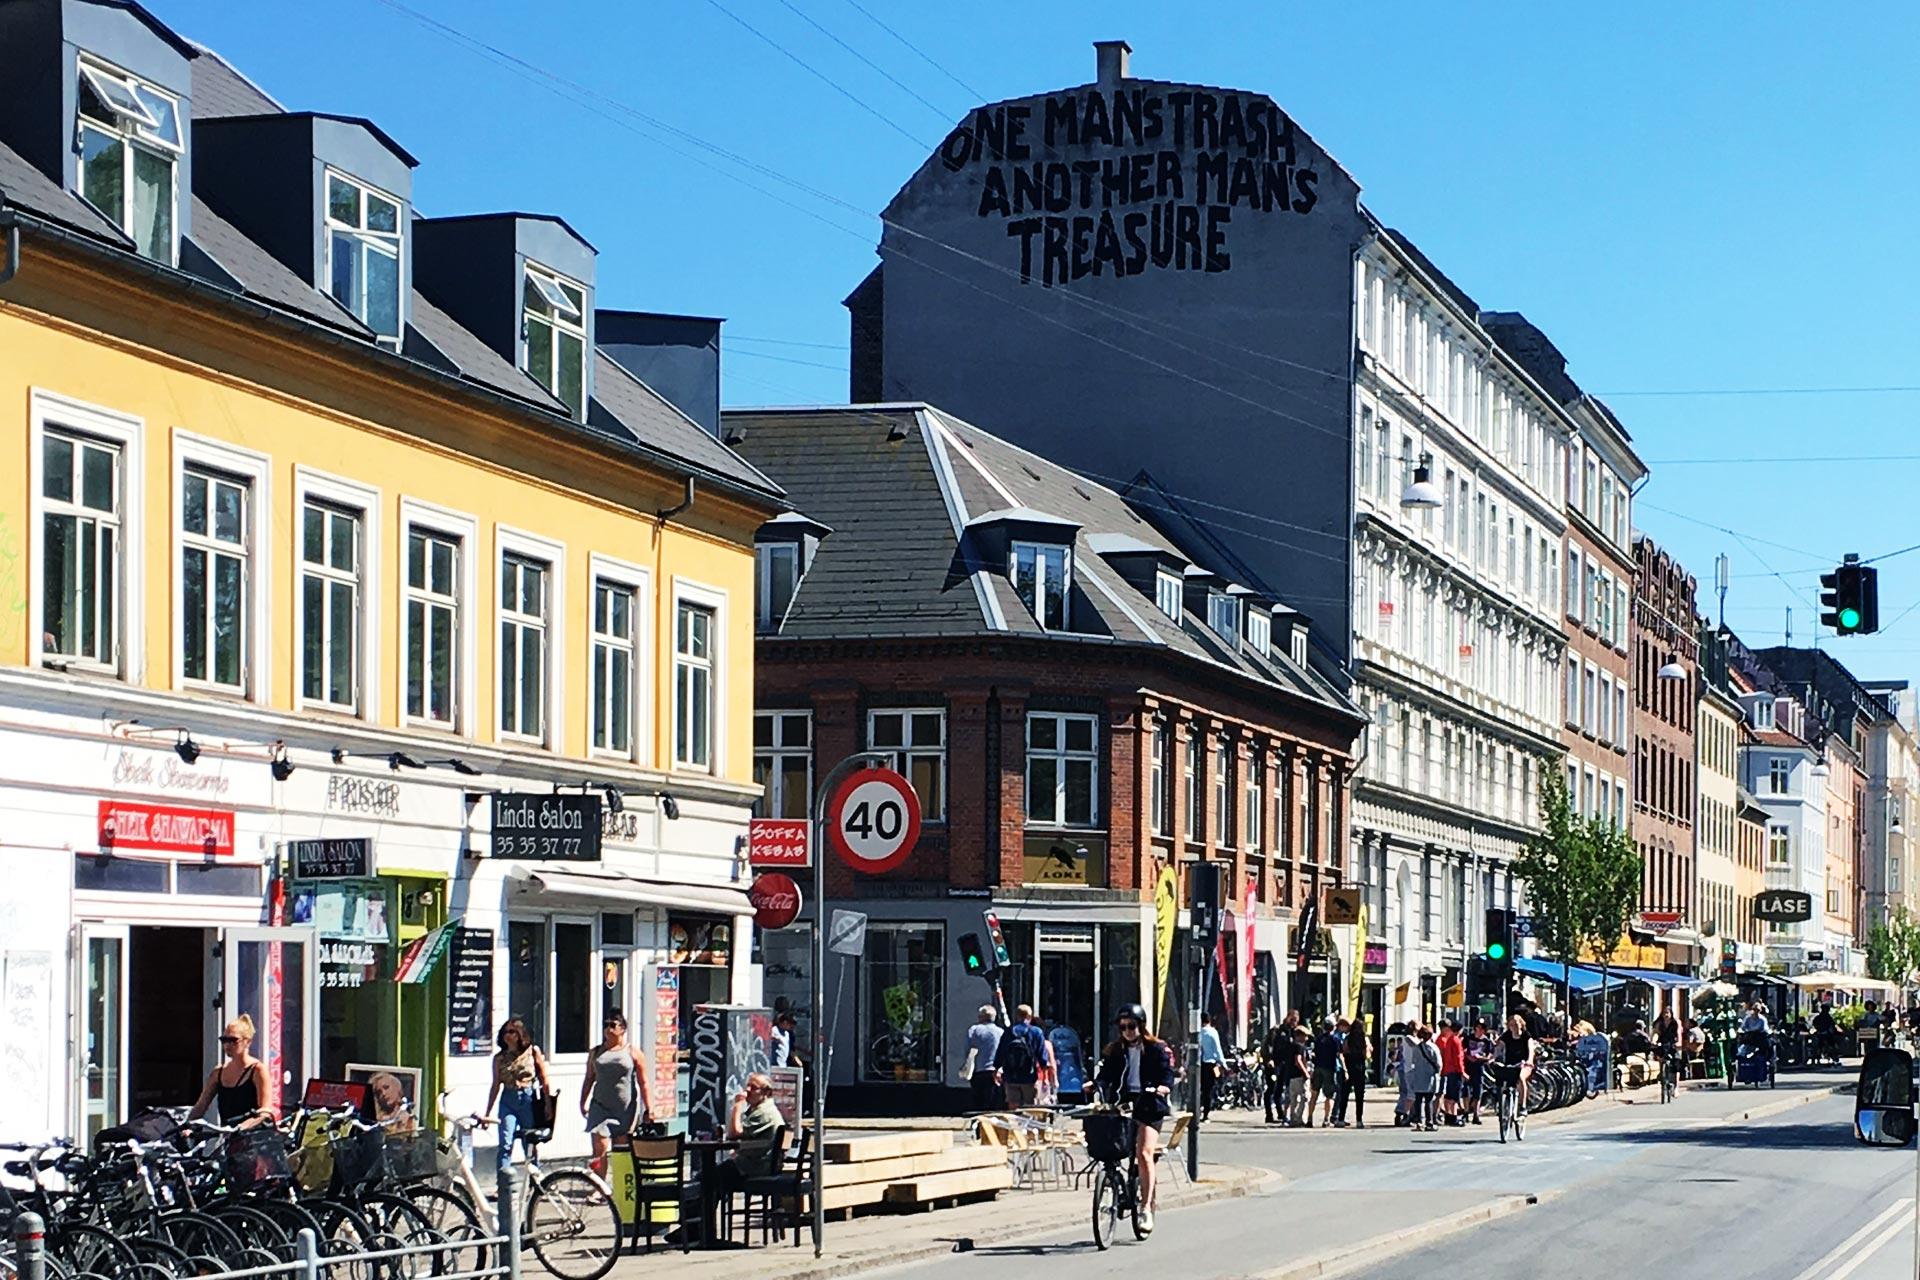 Kööpenhamina on rento pöyräilykaupunki, mistä Nørrebrogade on hyvä esimerkki. © Martin Mohr